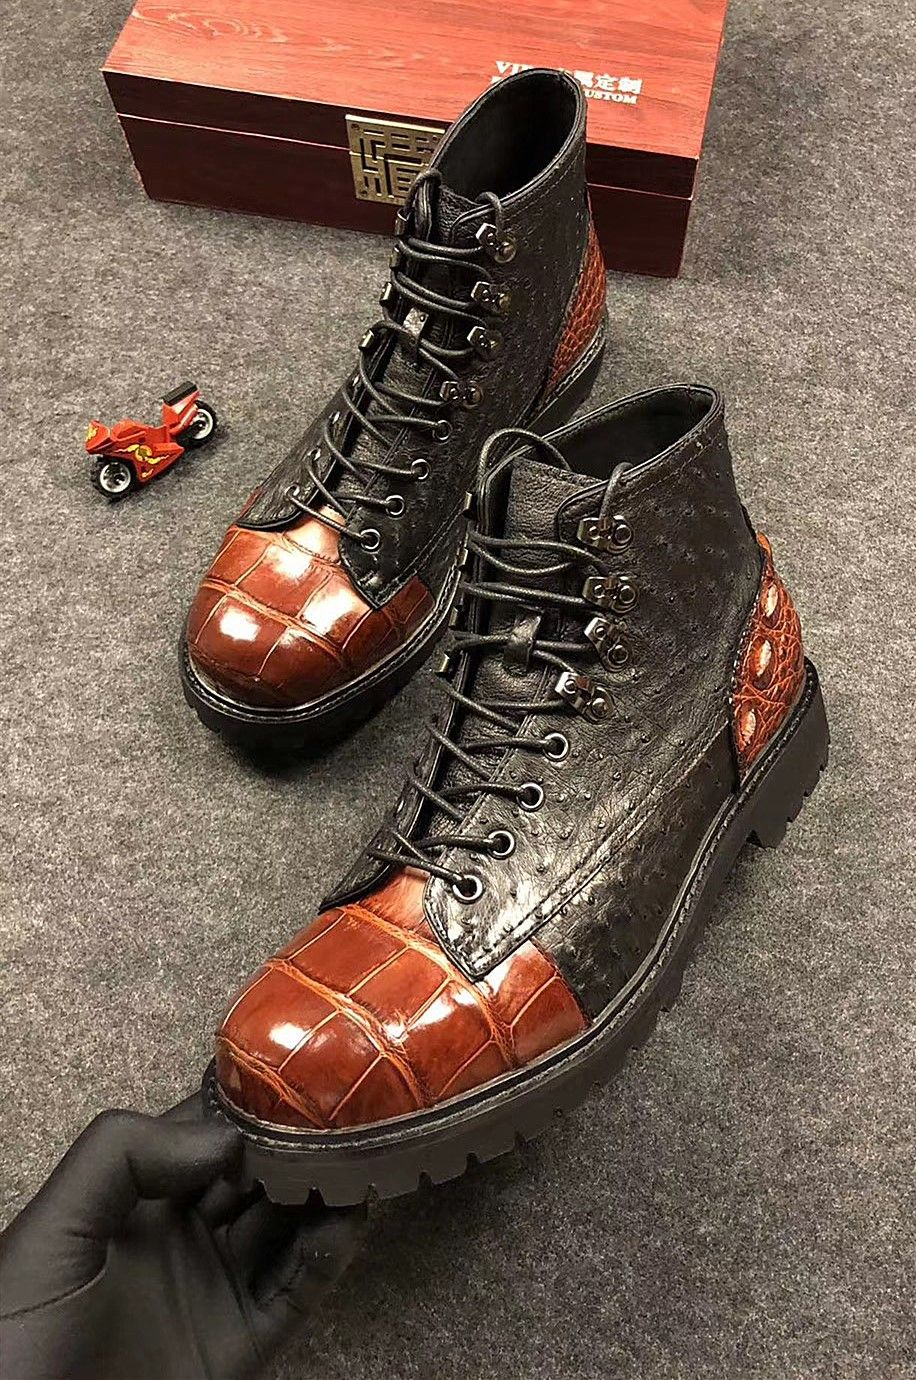 mens dress cowboy boots for sale